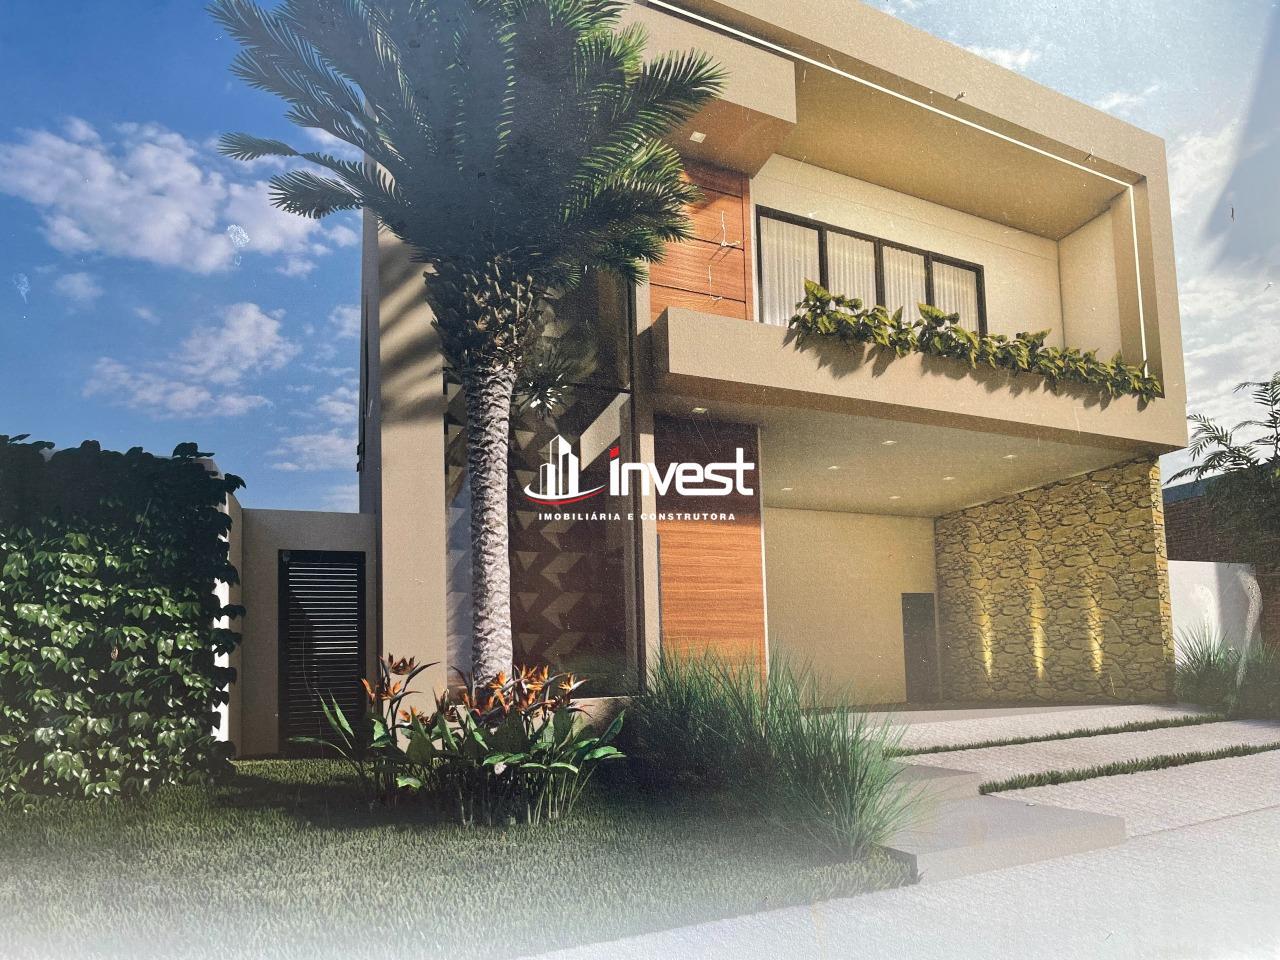 Casa Condomínio à venda, 5 quartos, 4 suítes, 4 vagas, Baronesa, Residencial - Uberaba/MG